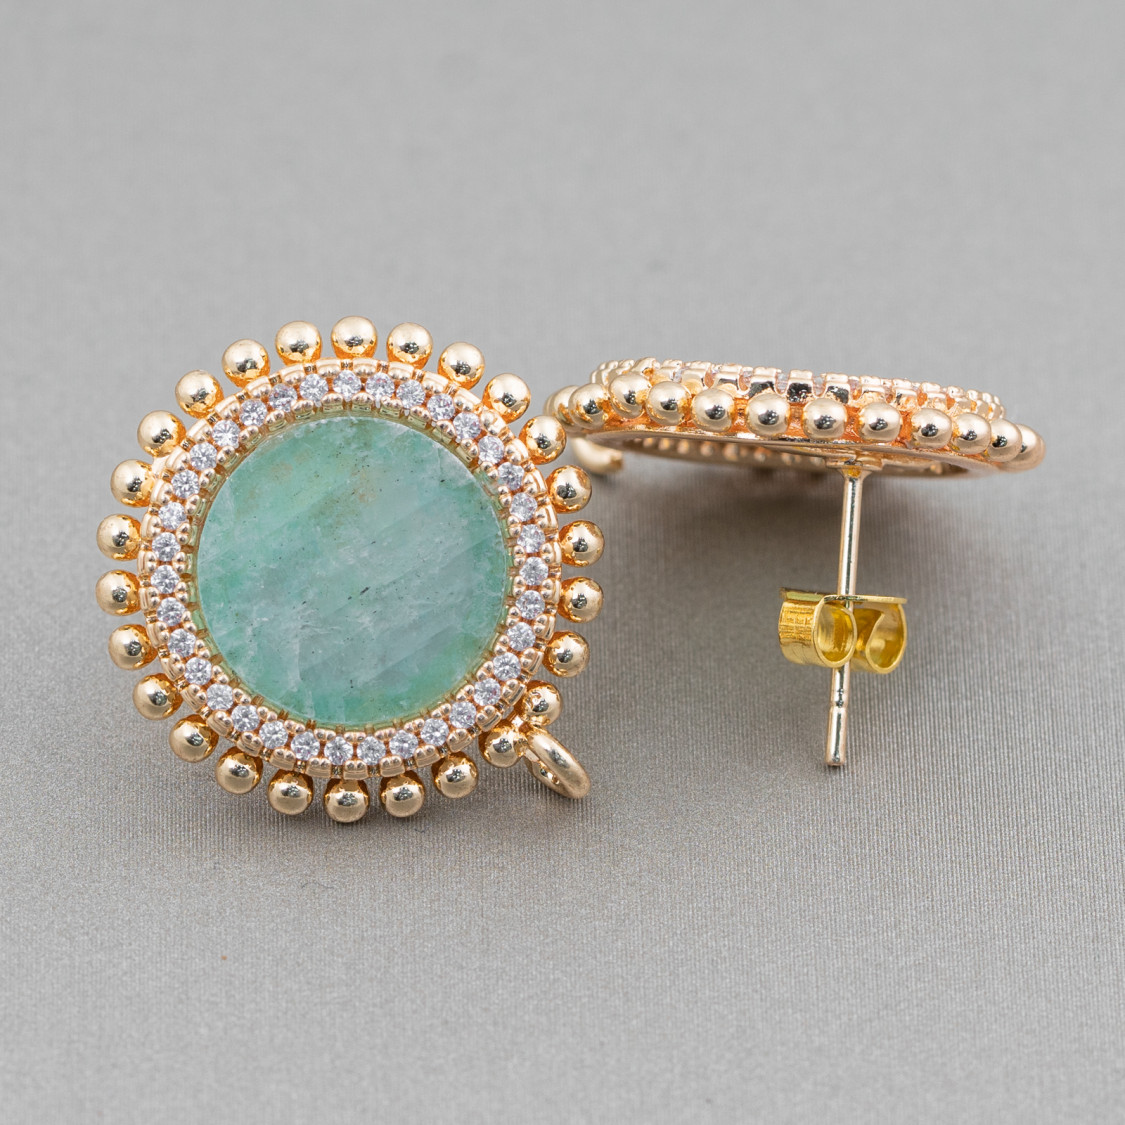 Collana Di Argento 925 Con Agata Blu Sfaccettata E Nodini Con Chiusura Di Argento Anello A Molla E Ottini 45cm